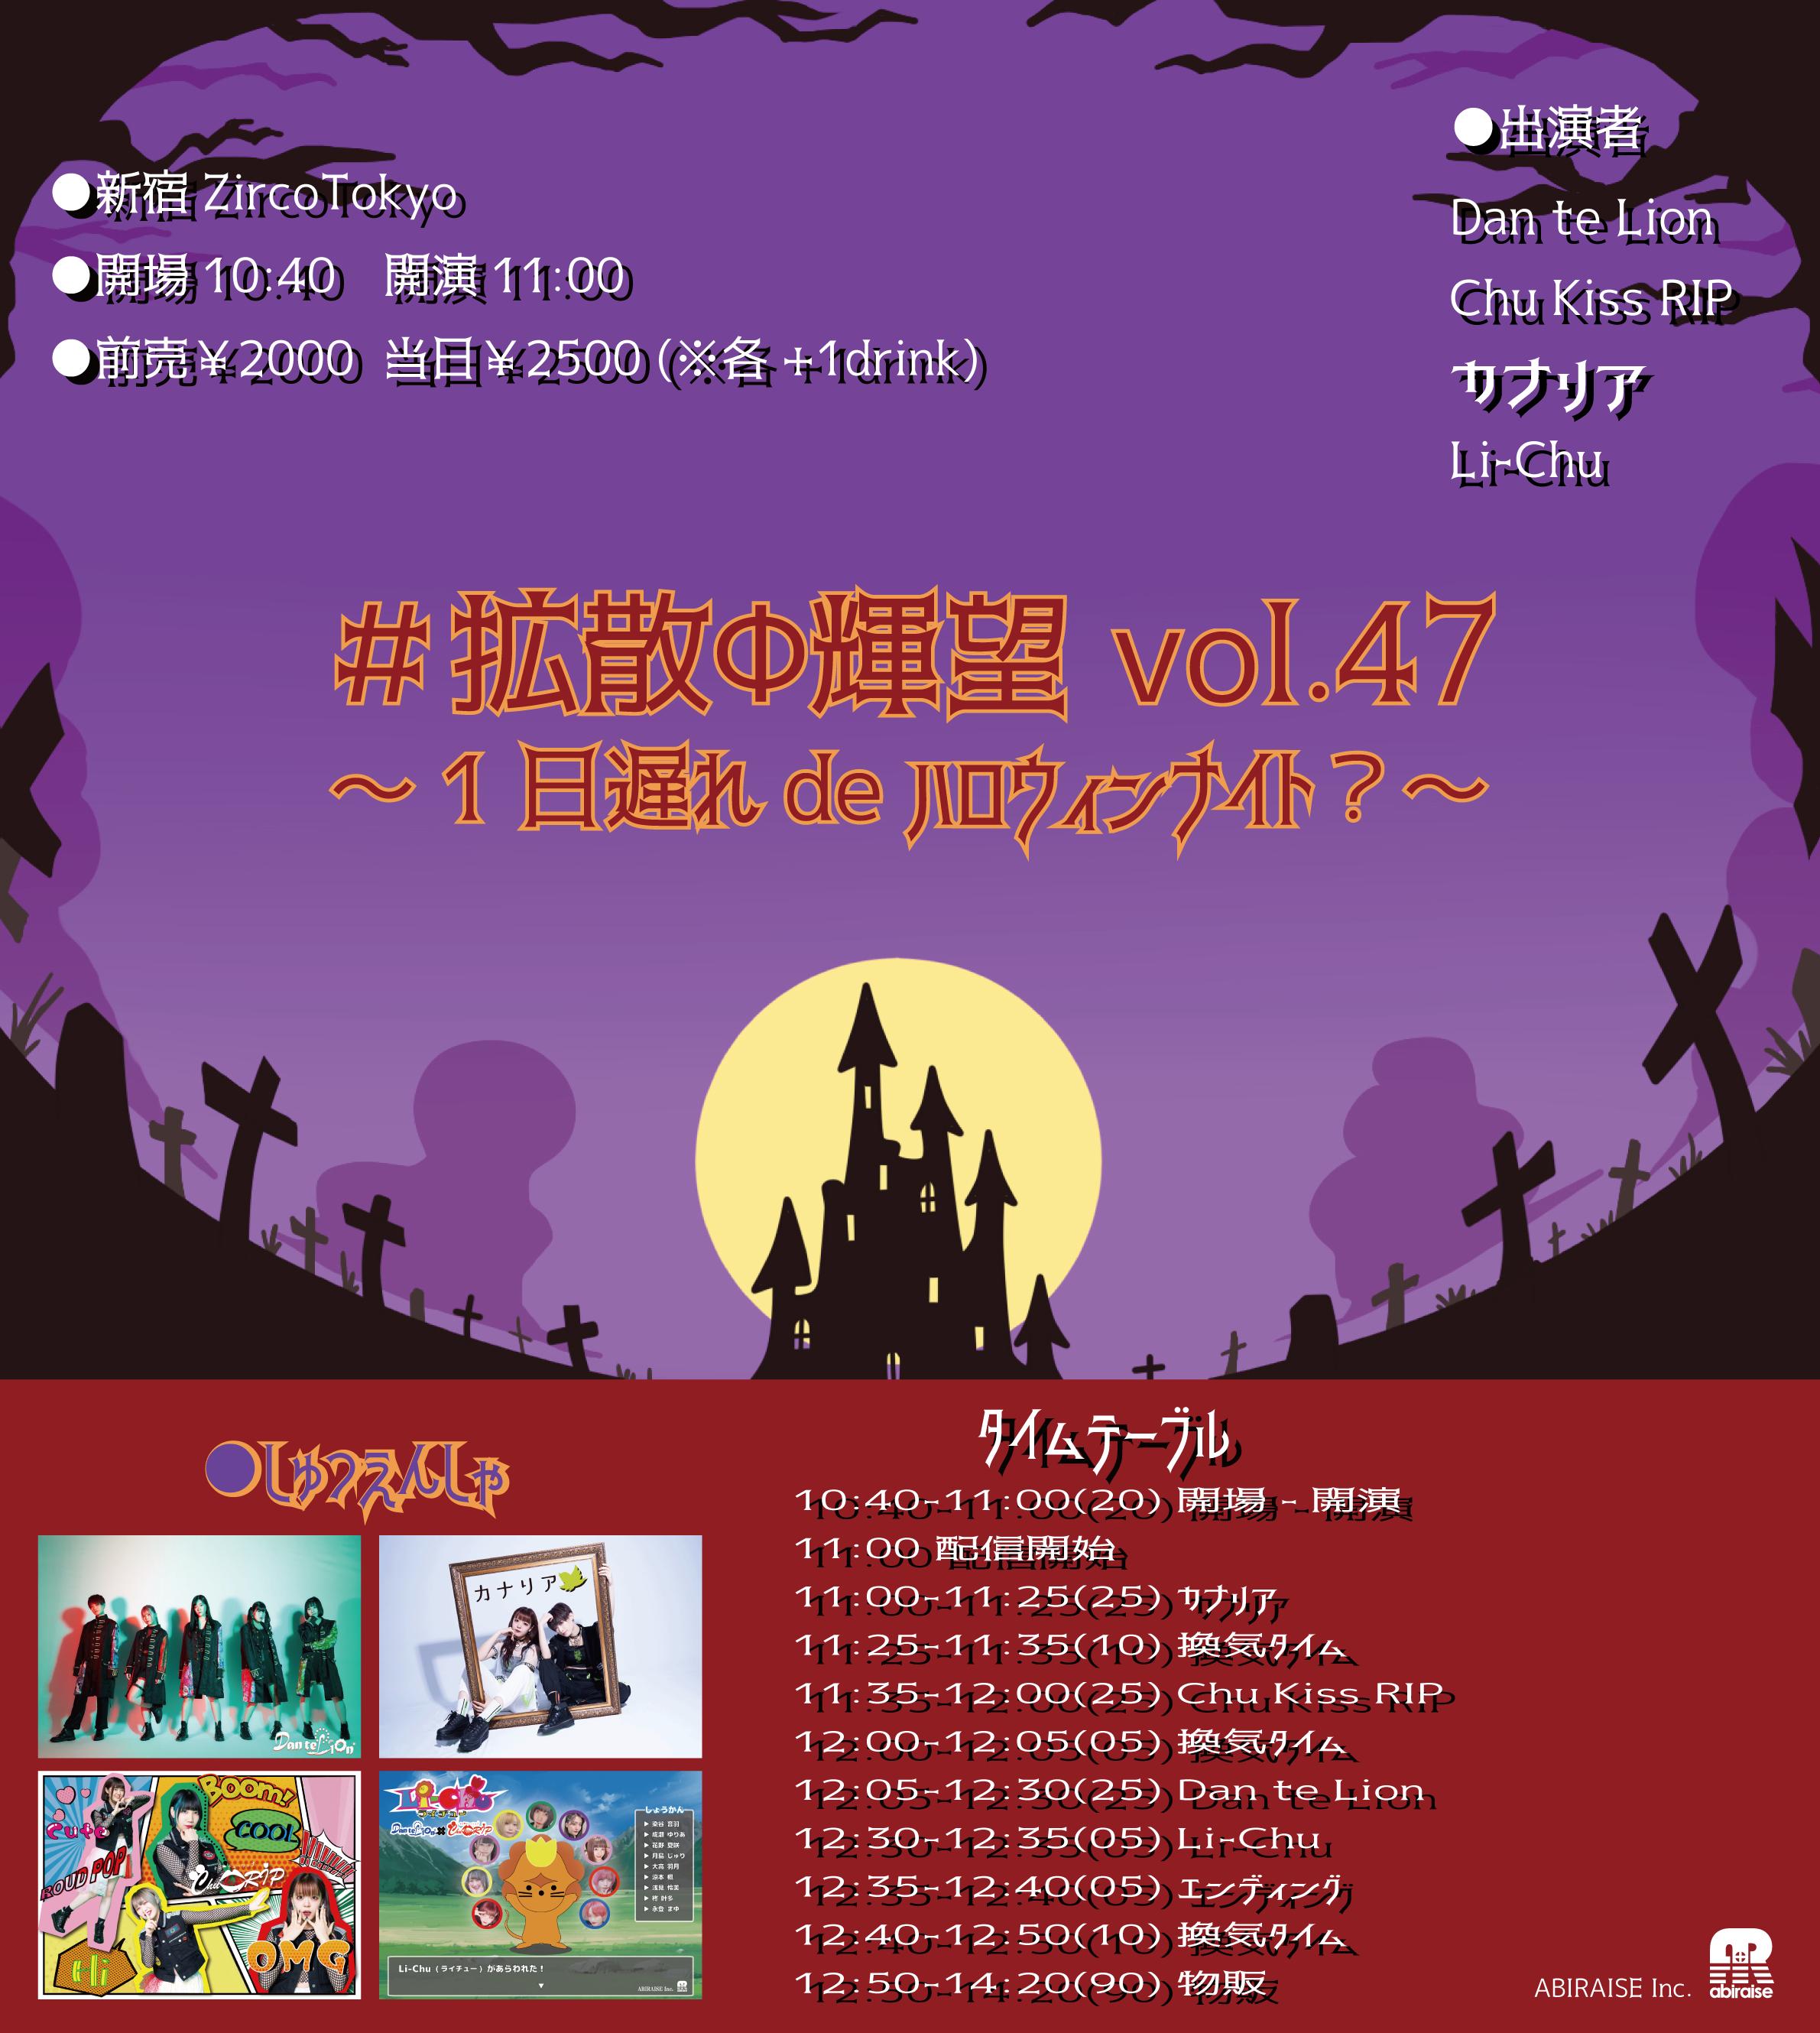 #拡散Φ輝望 vol.47 〜1日遅れdeハロウィンナイト?〜